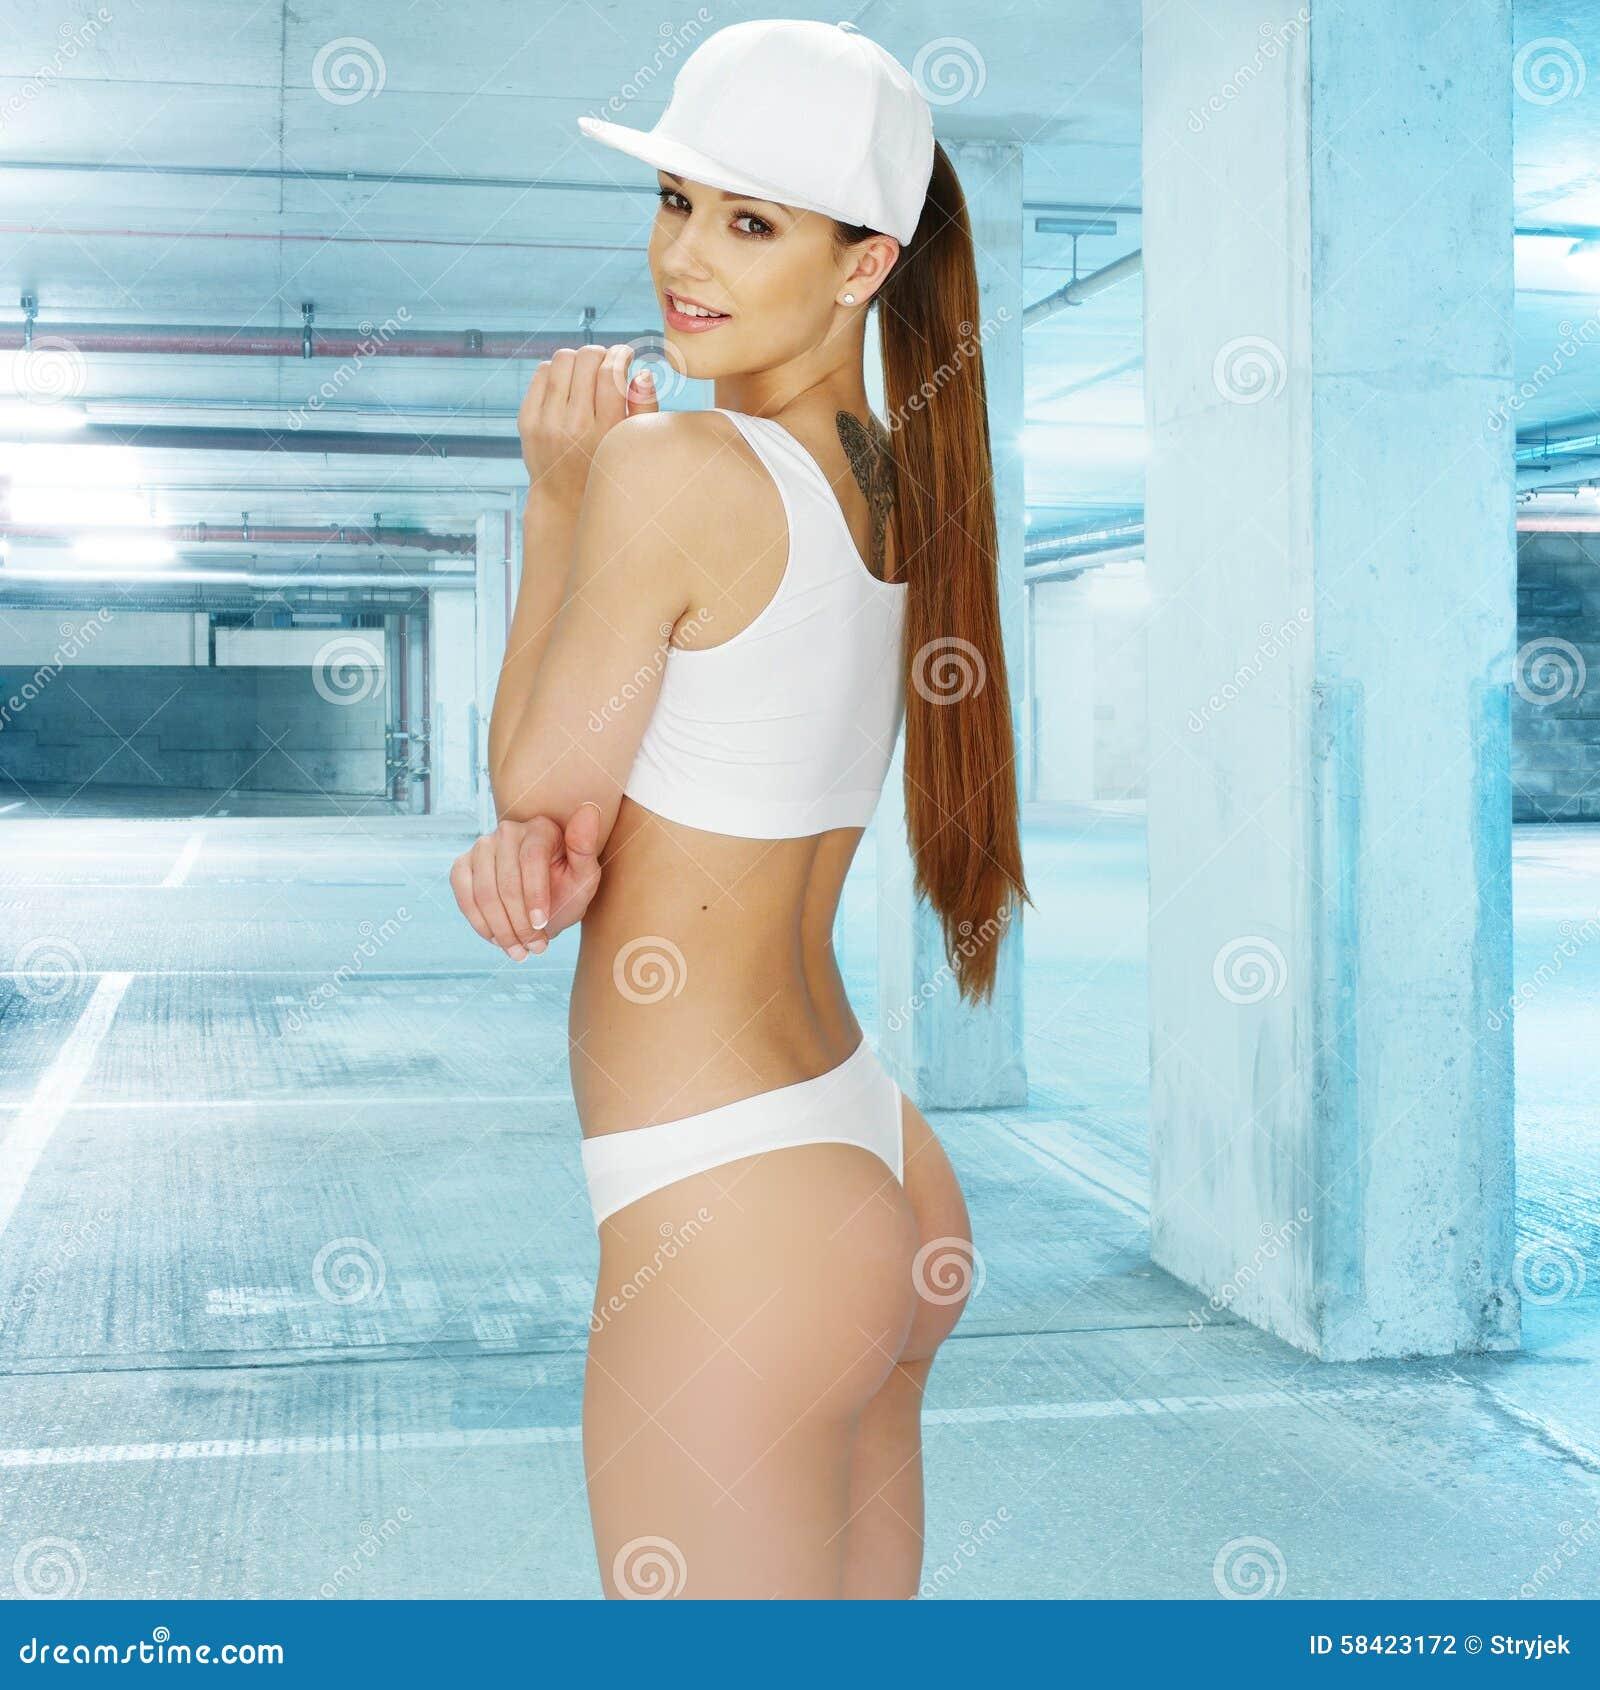 c9e08efb8 Três quartos disparados de uma jovem mulher bonita que veste o roupa  interior branco